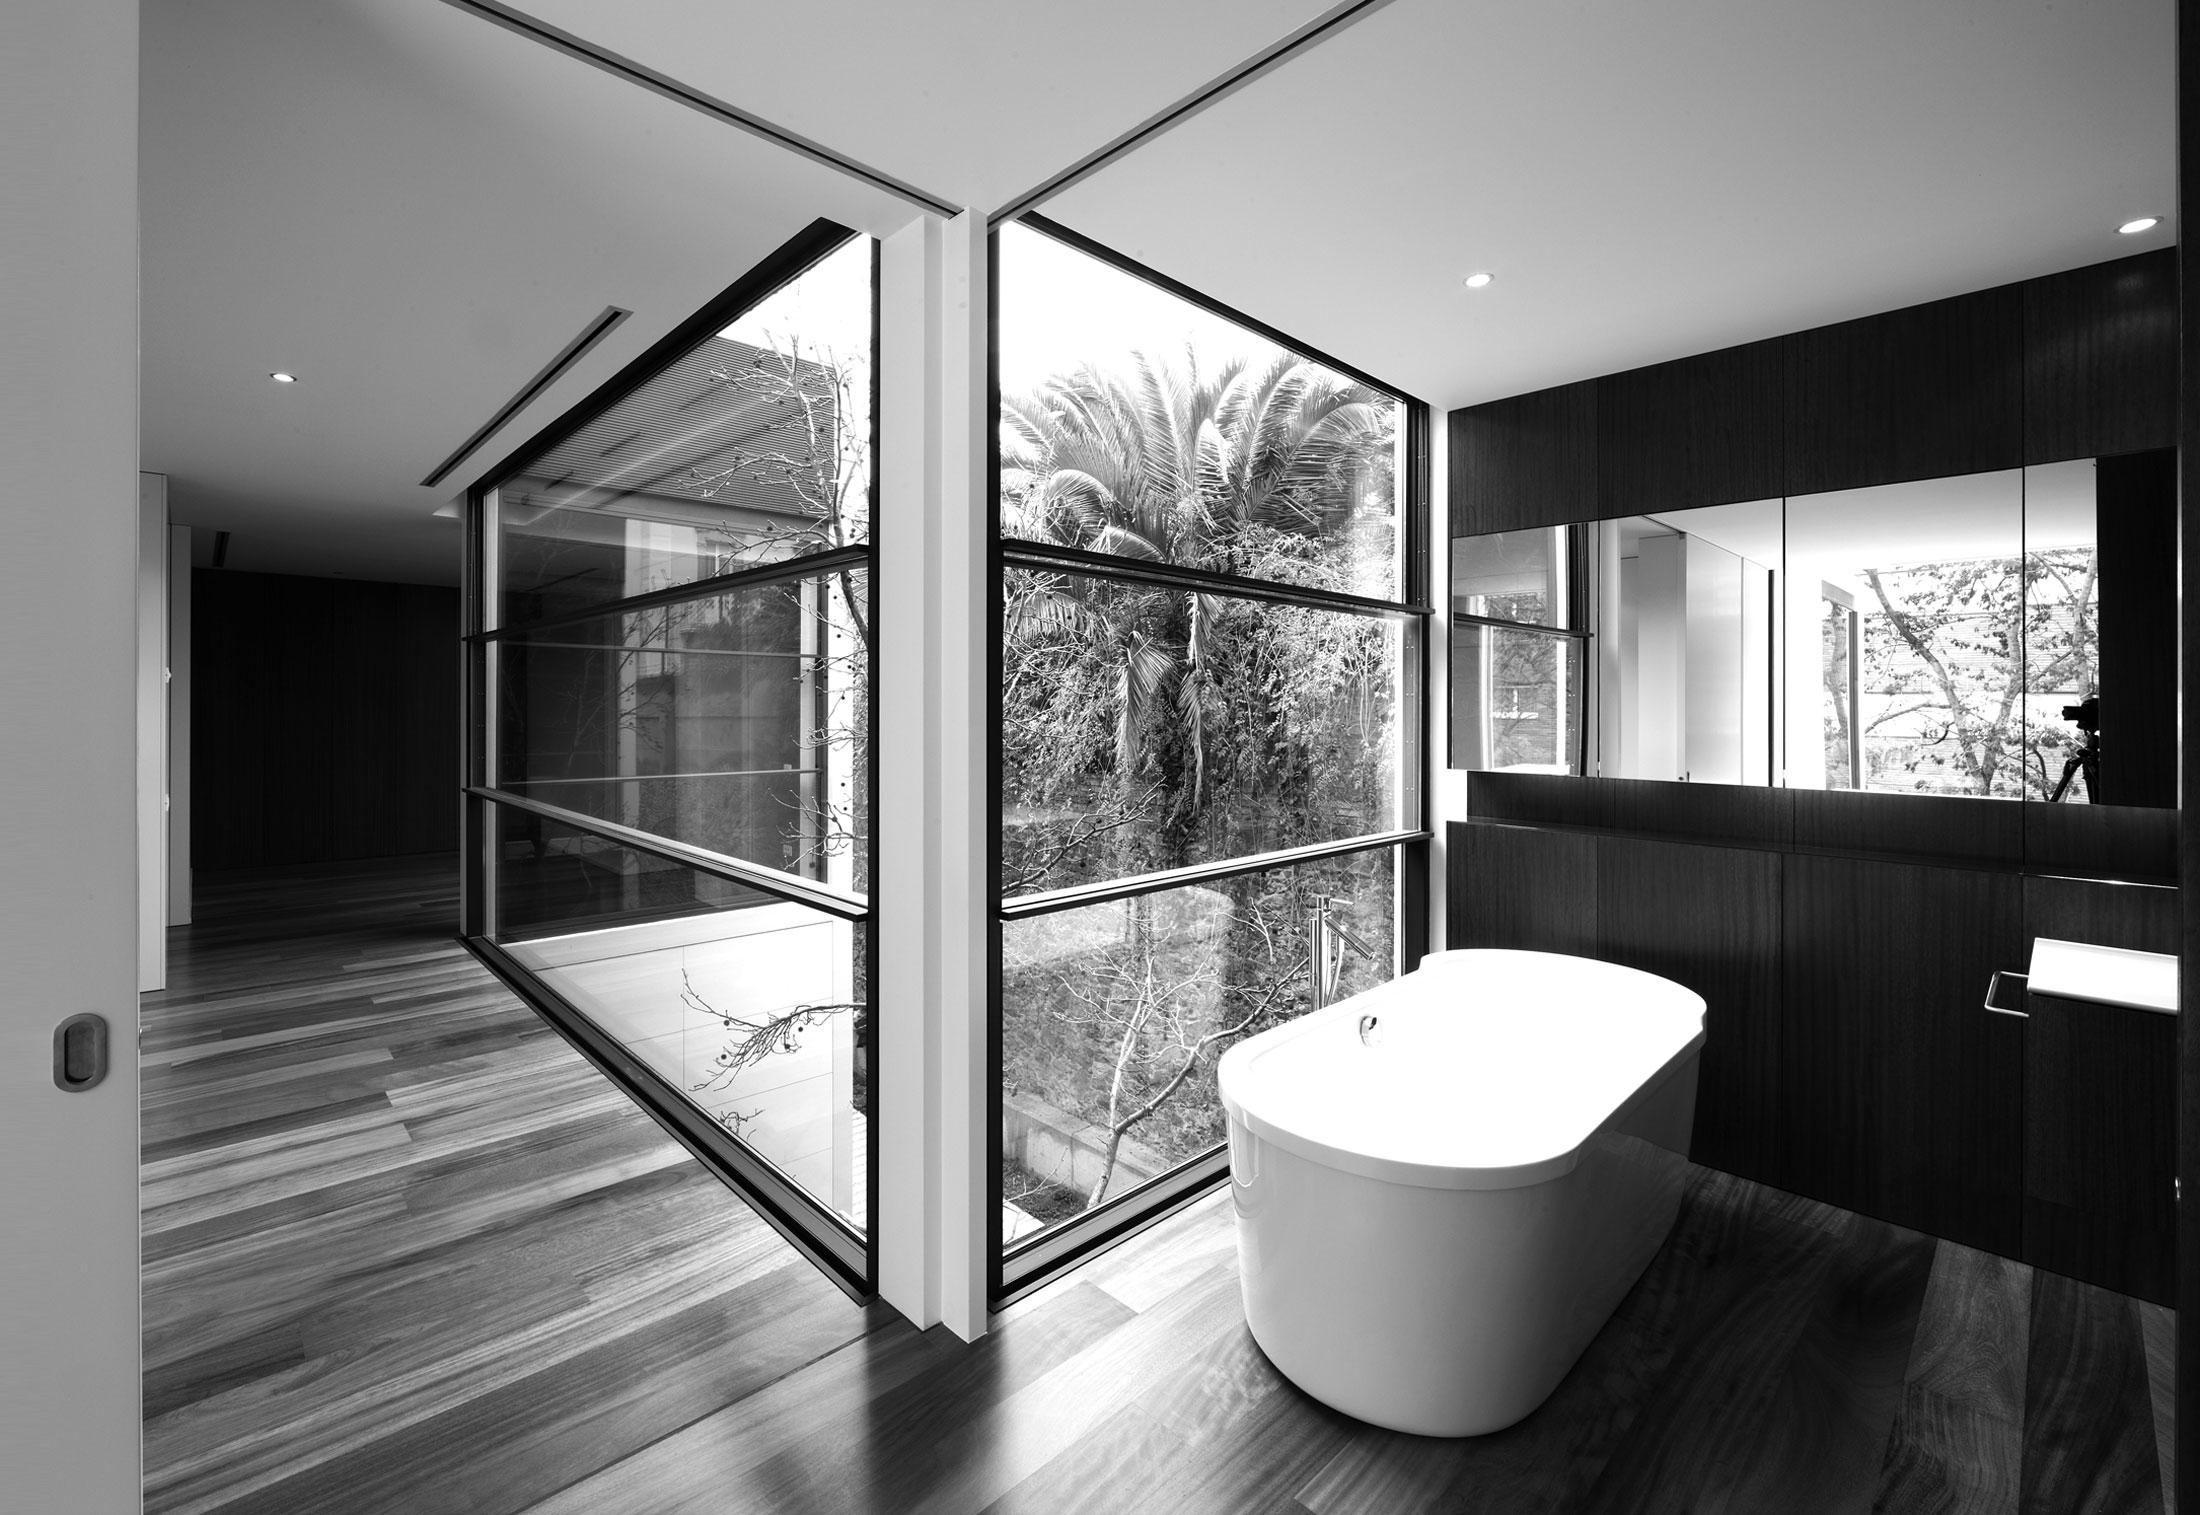 Aluminium Sash Windows : Aluminium sash window f house by panoramah stylepark